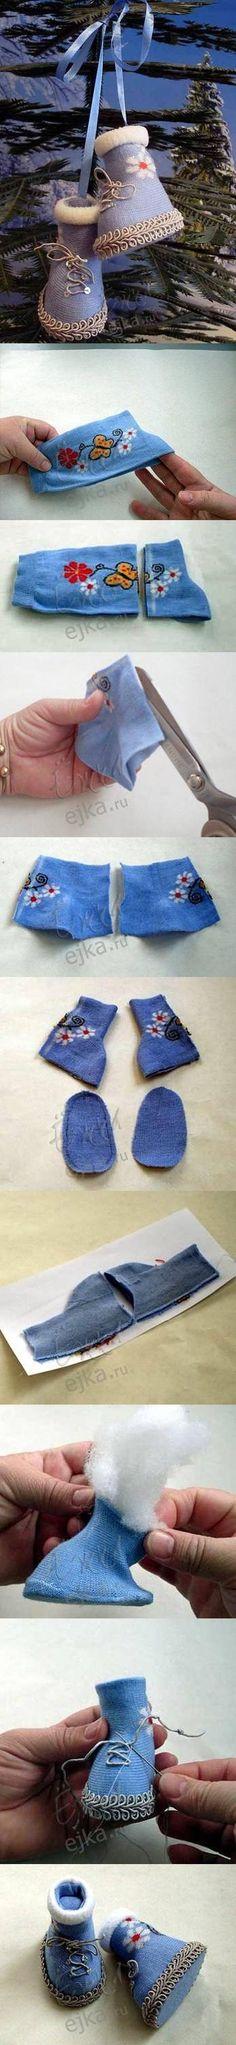 DIY Socks Baby Christmas Shoes